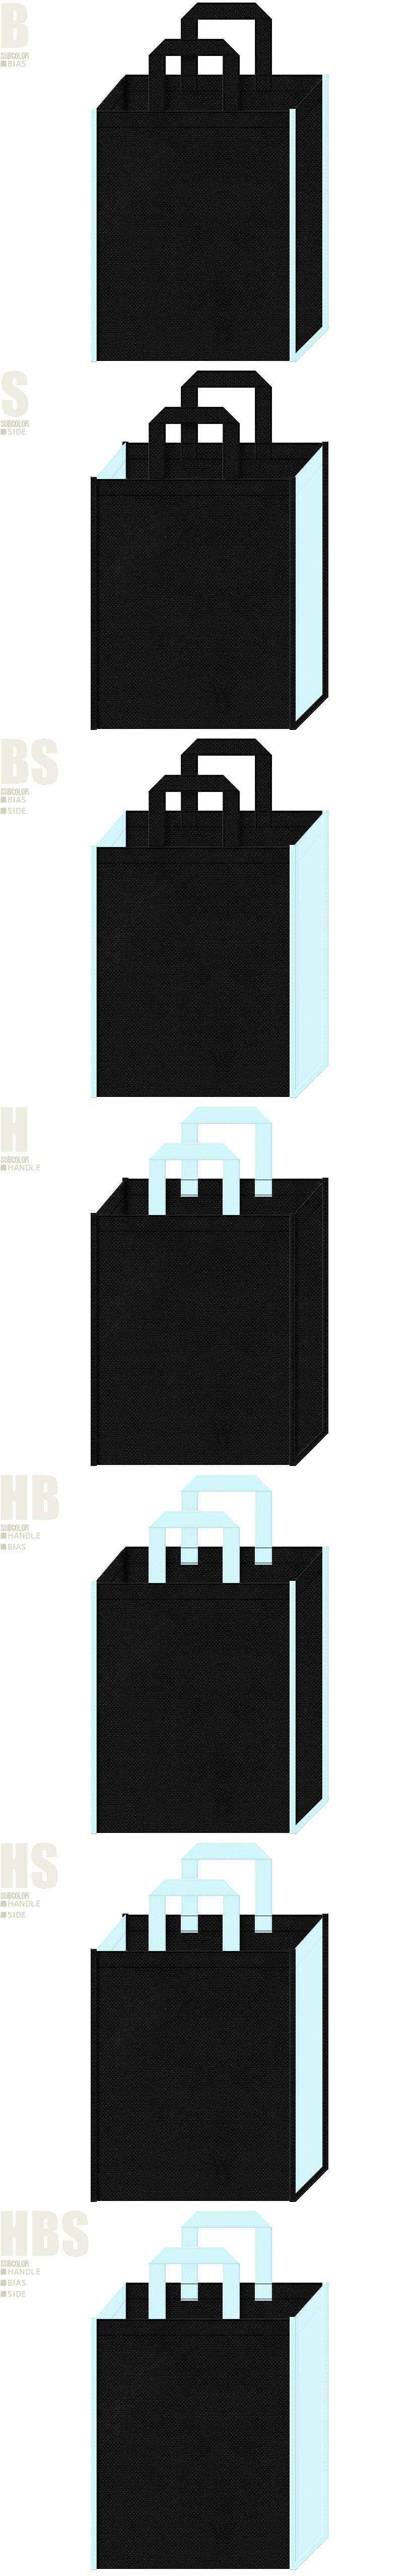 黒色と水色、7パターンの不織布トートバッグ配色デザイン例。業務用冷蔵庫・カークーラーの展示会用バッグにお奨めです。